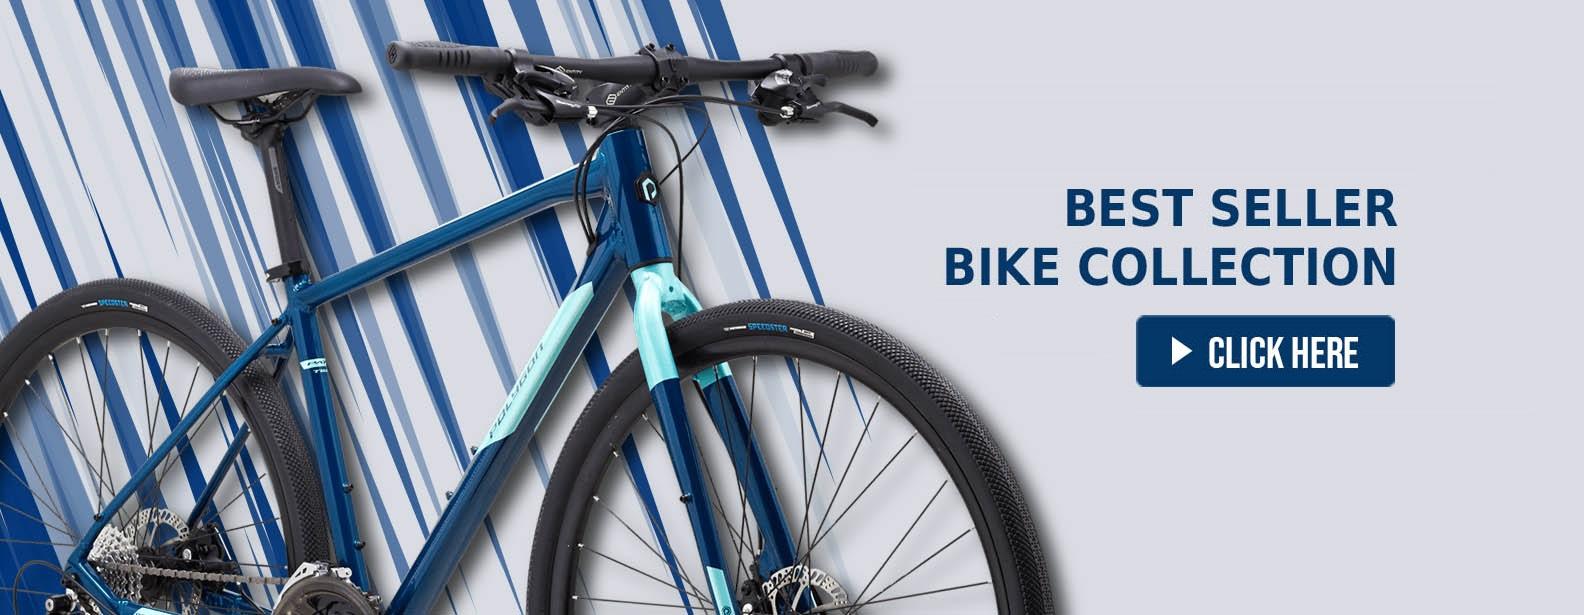 Buy Best Seller Bike